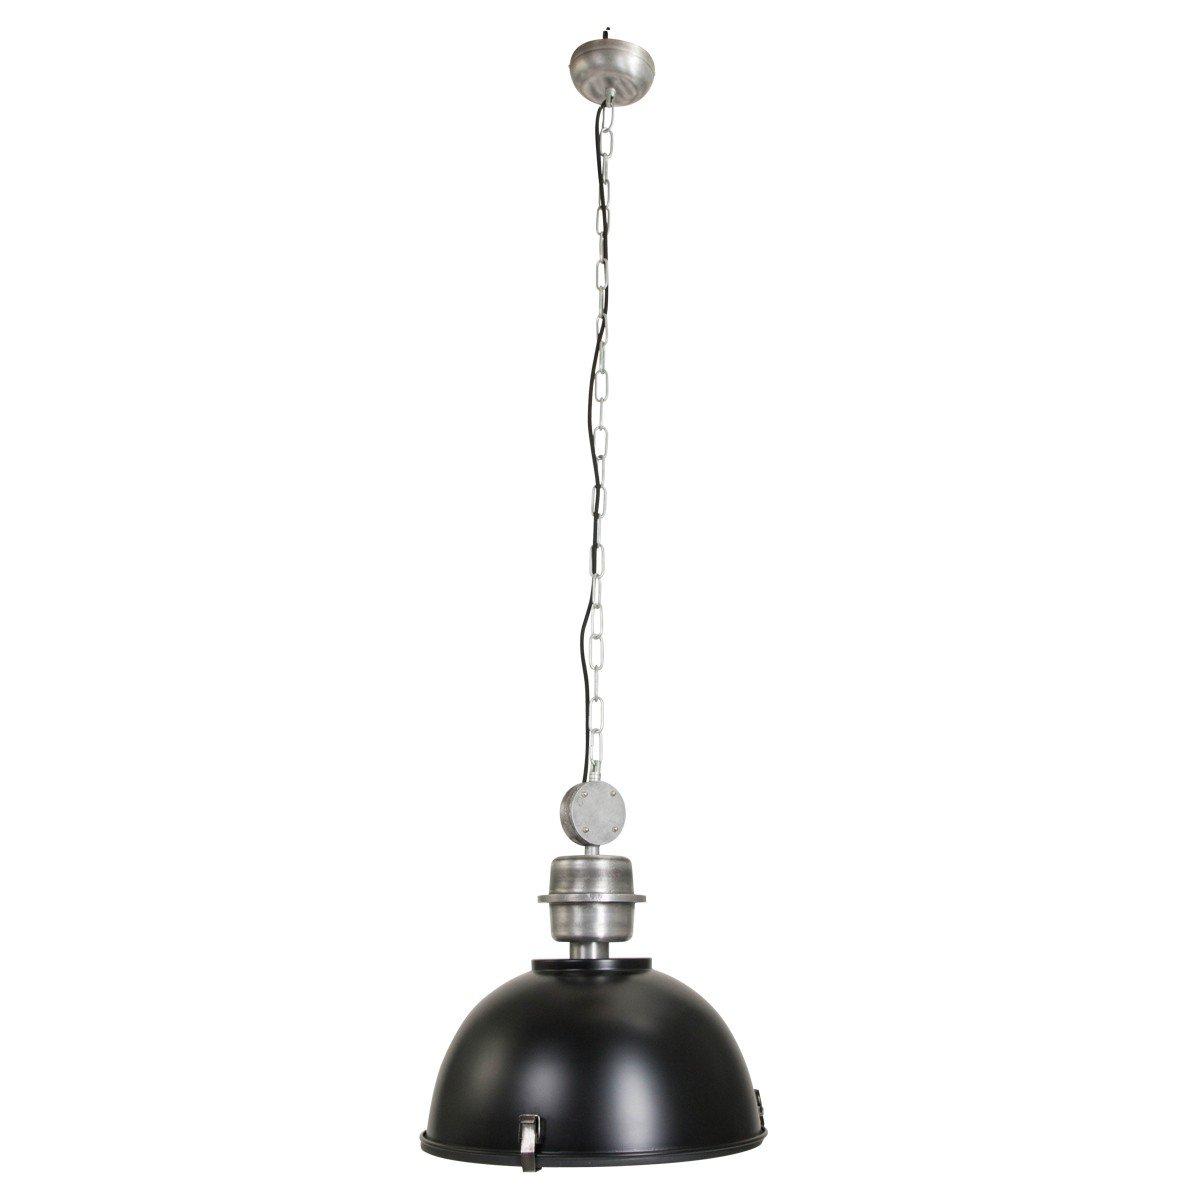 Hanglamp Steinhauer Bikkel 7586 Zwart